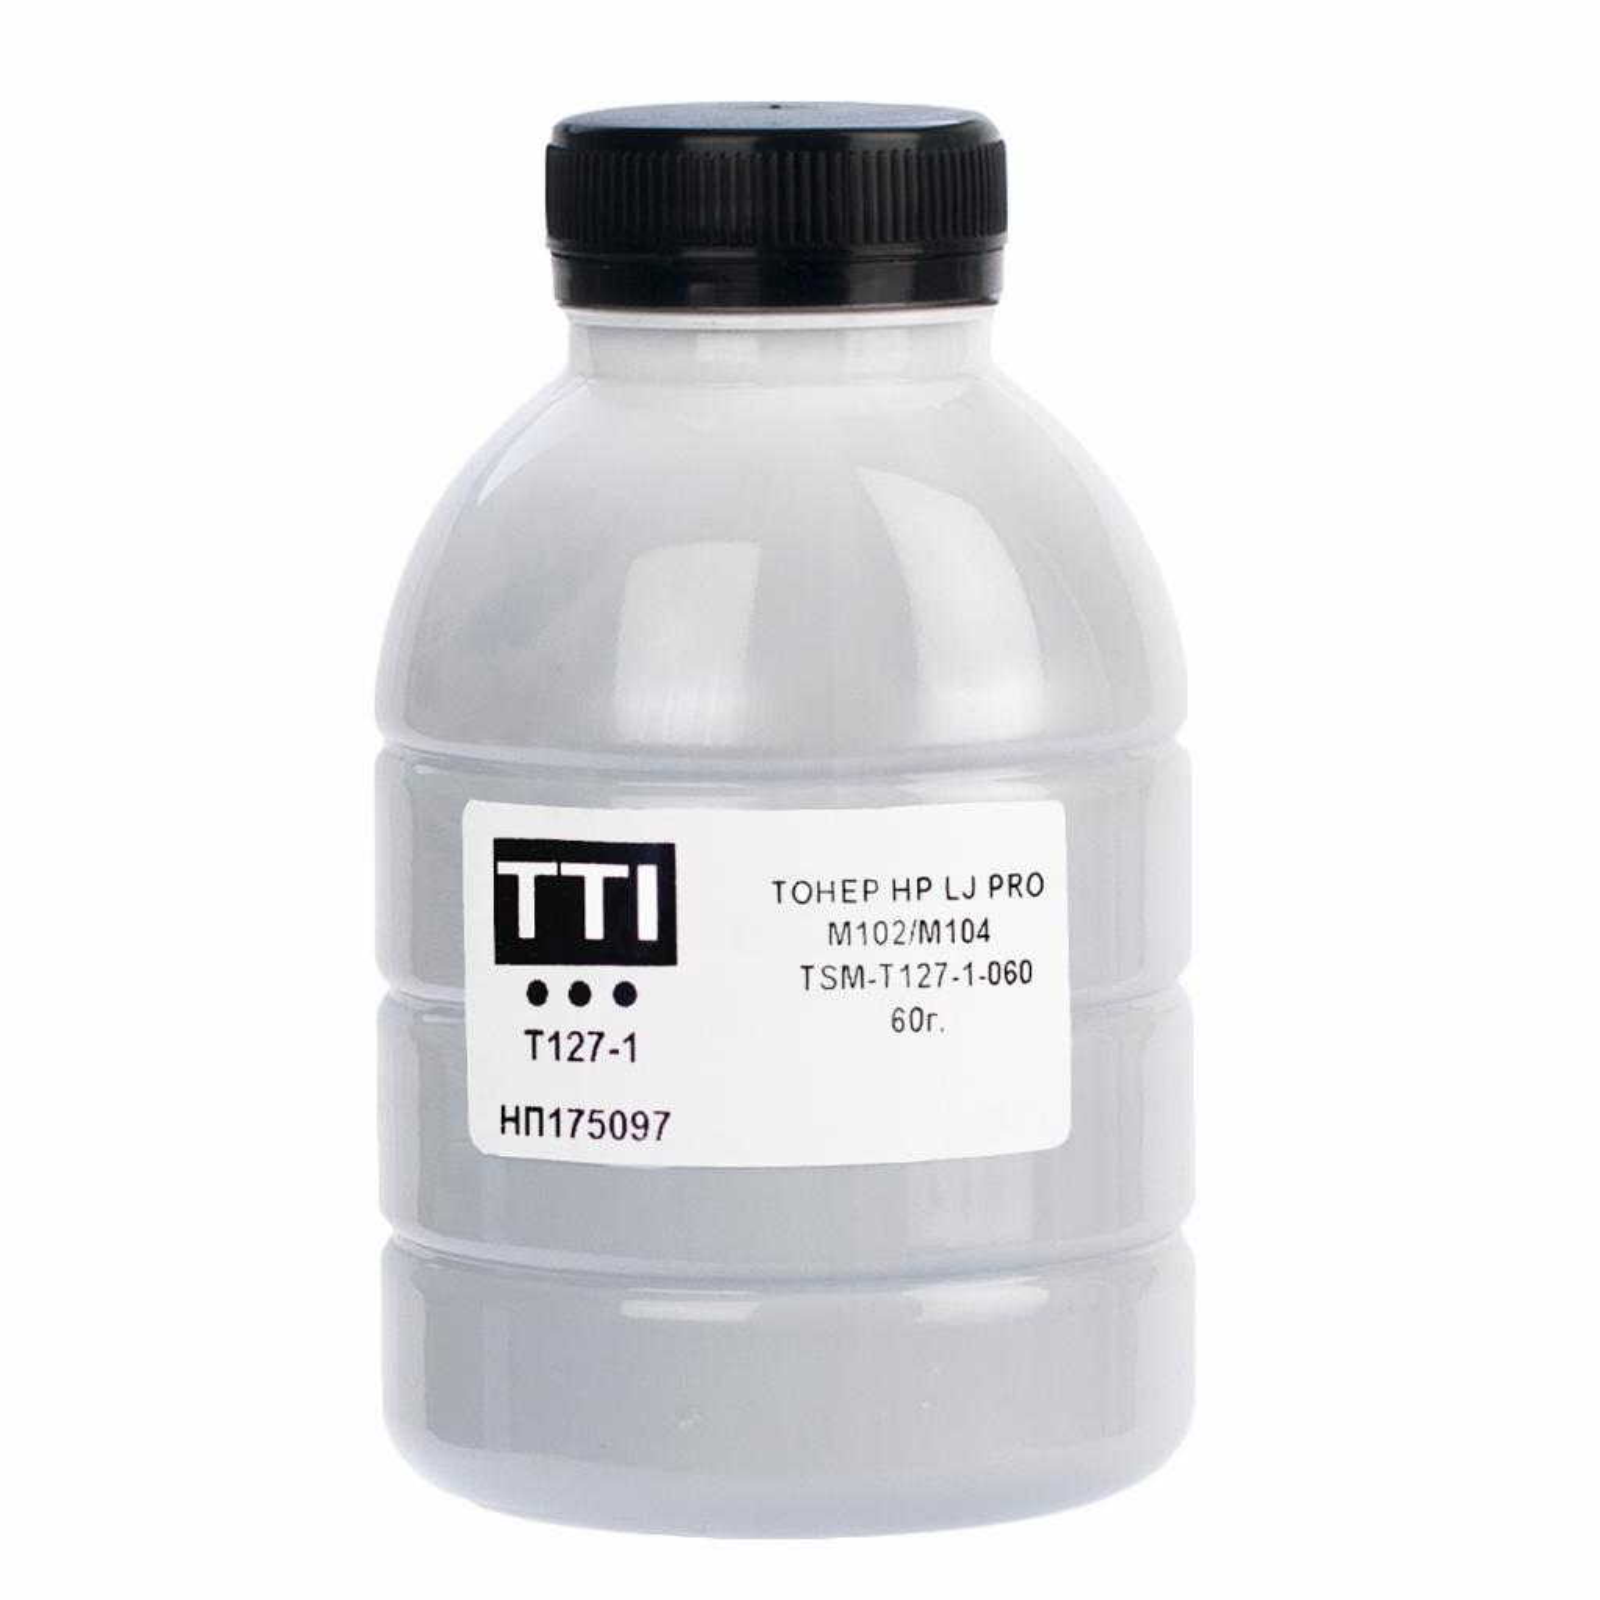 Тонер HP LJ PRO M102/M104 60г TTI (TSM-T127-1-060)